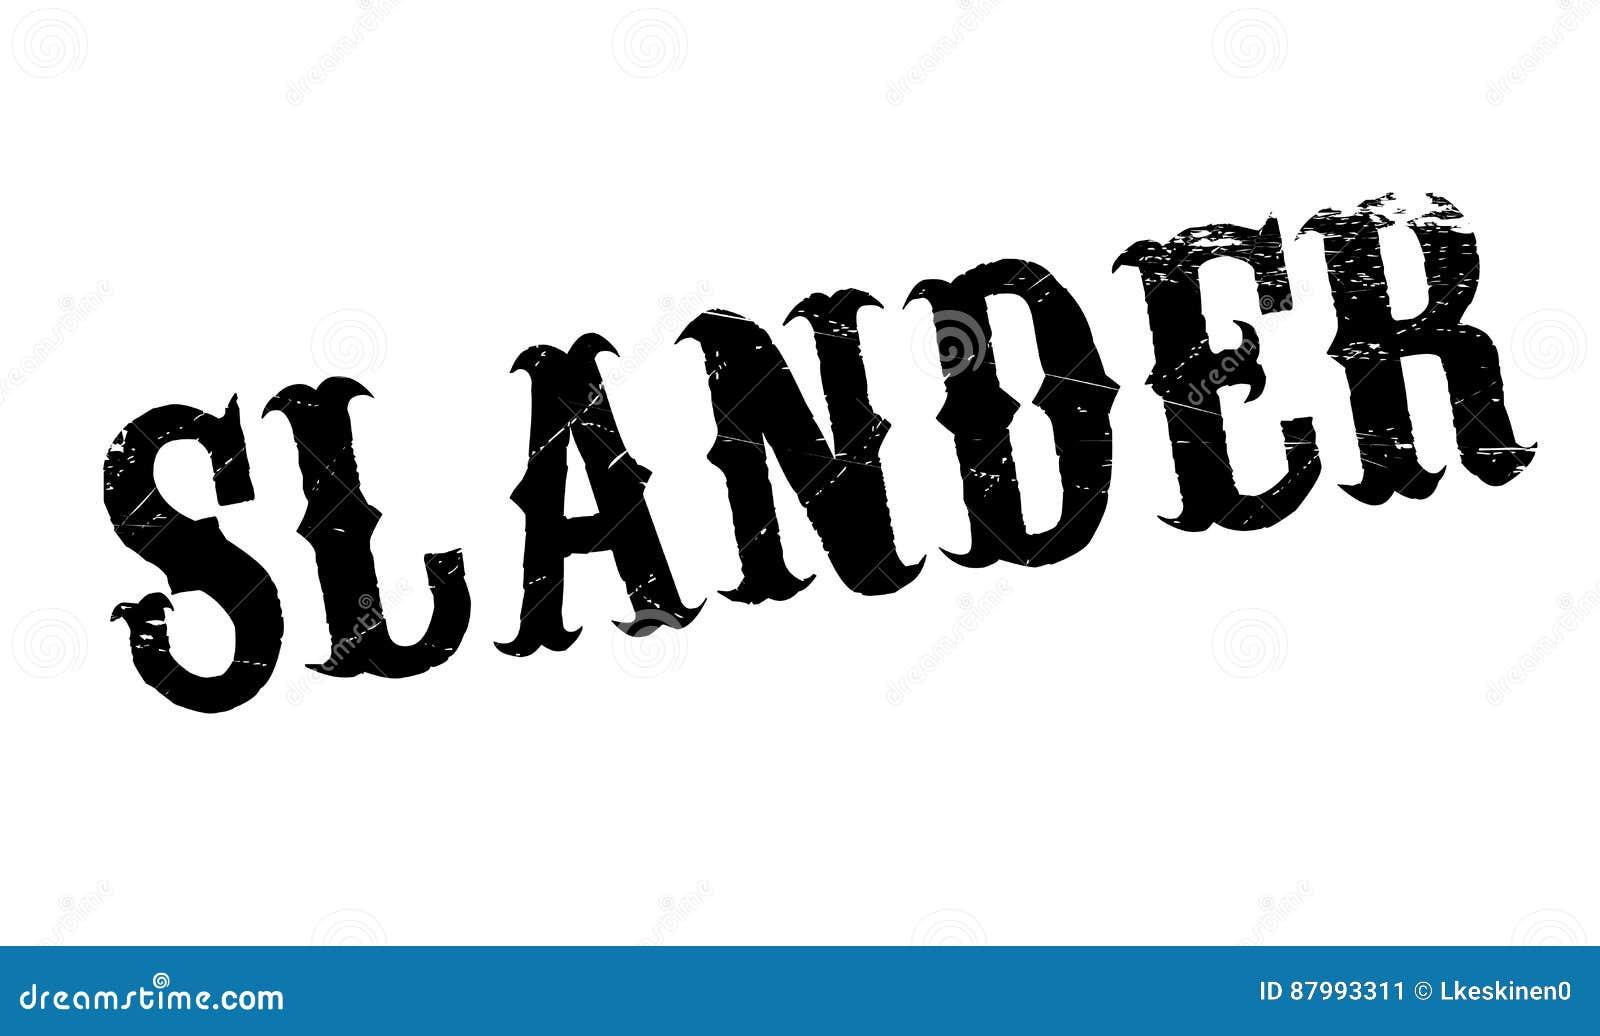 Slander Stock Illustration | CartoonDealer.com #30304030